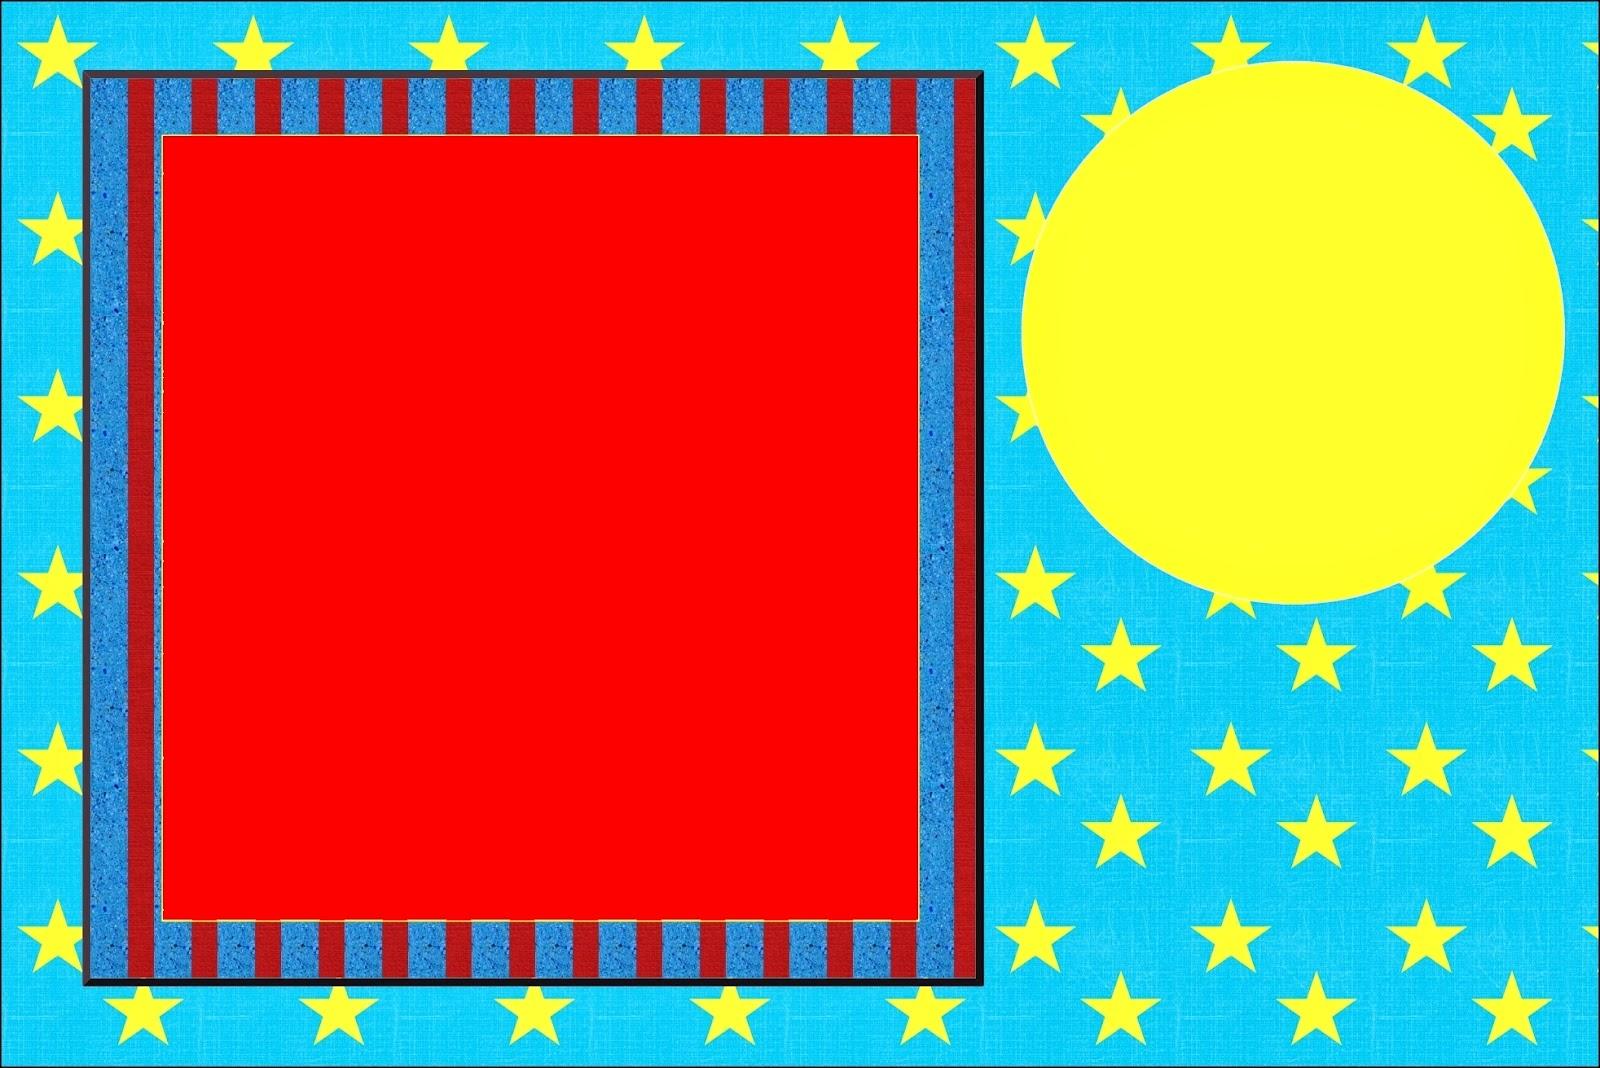 Para hacer invitaciones, tarjetas, marcos de fotos o etiquetas, para imprimir gratis de Estrellas sobre Fondo Celeste